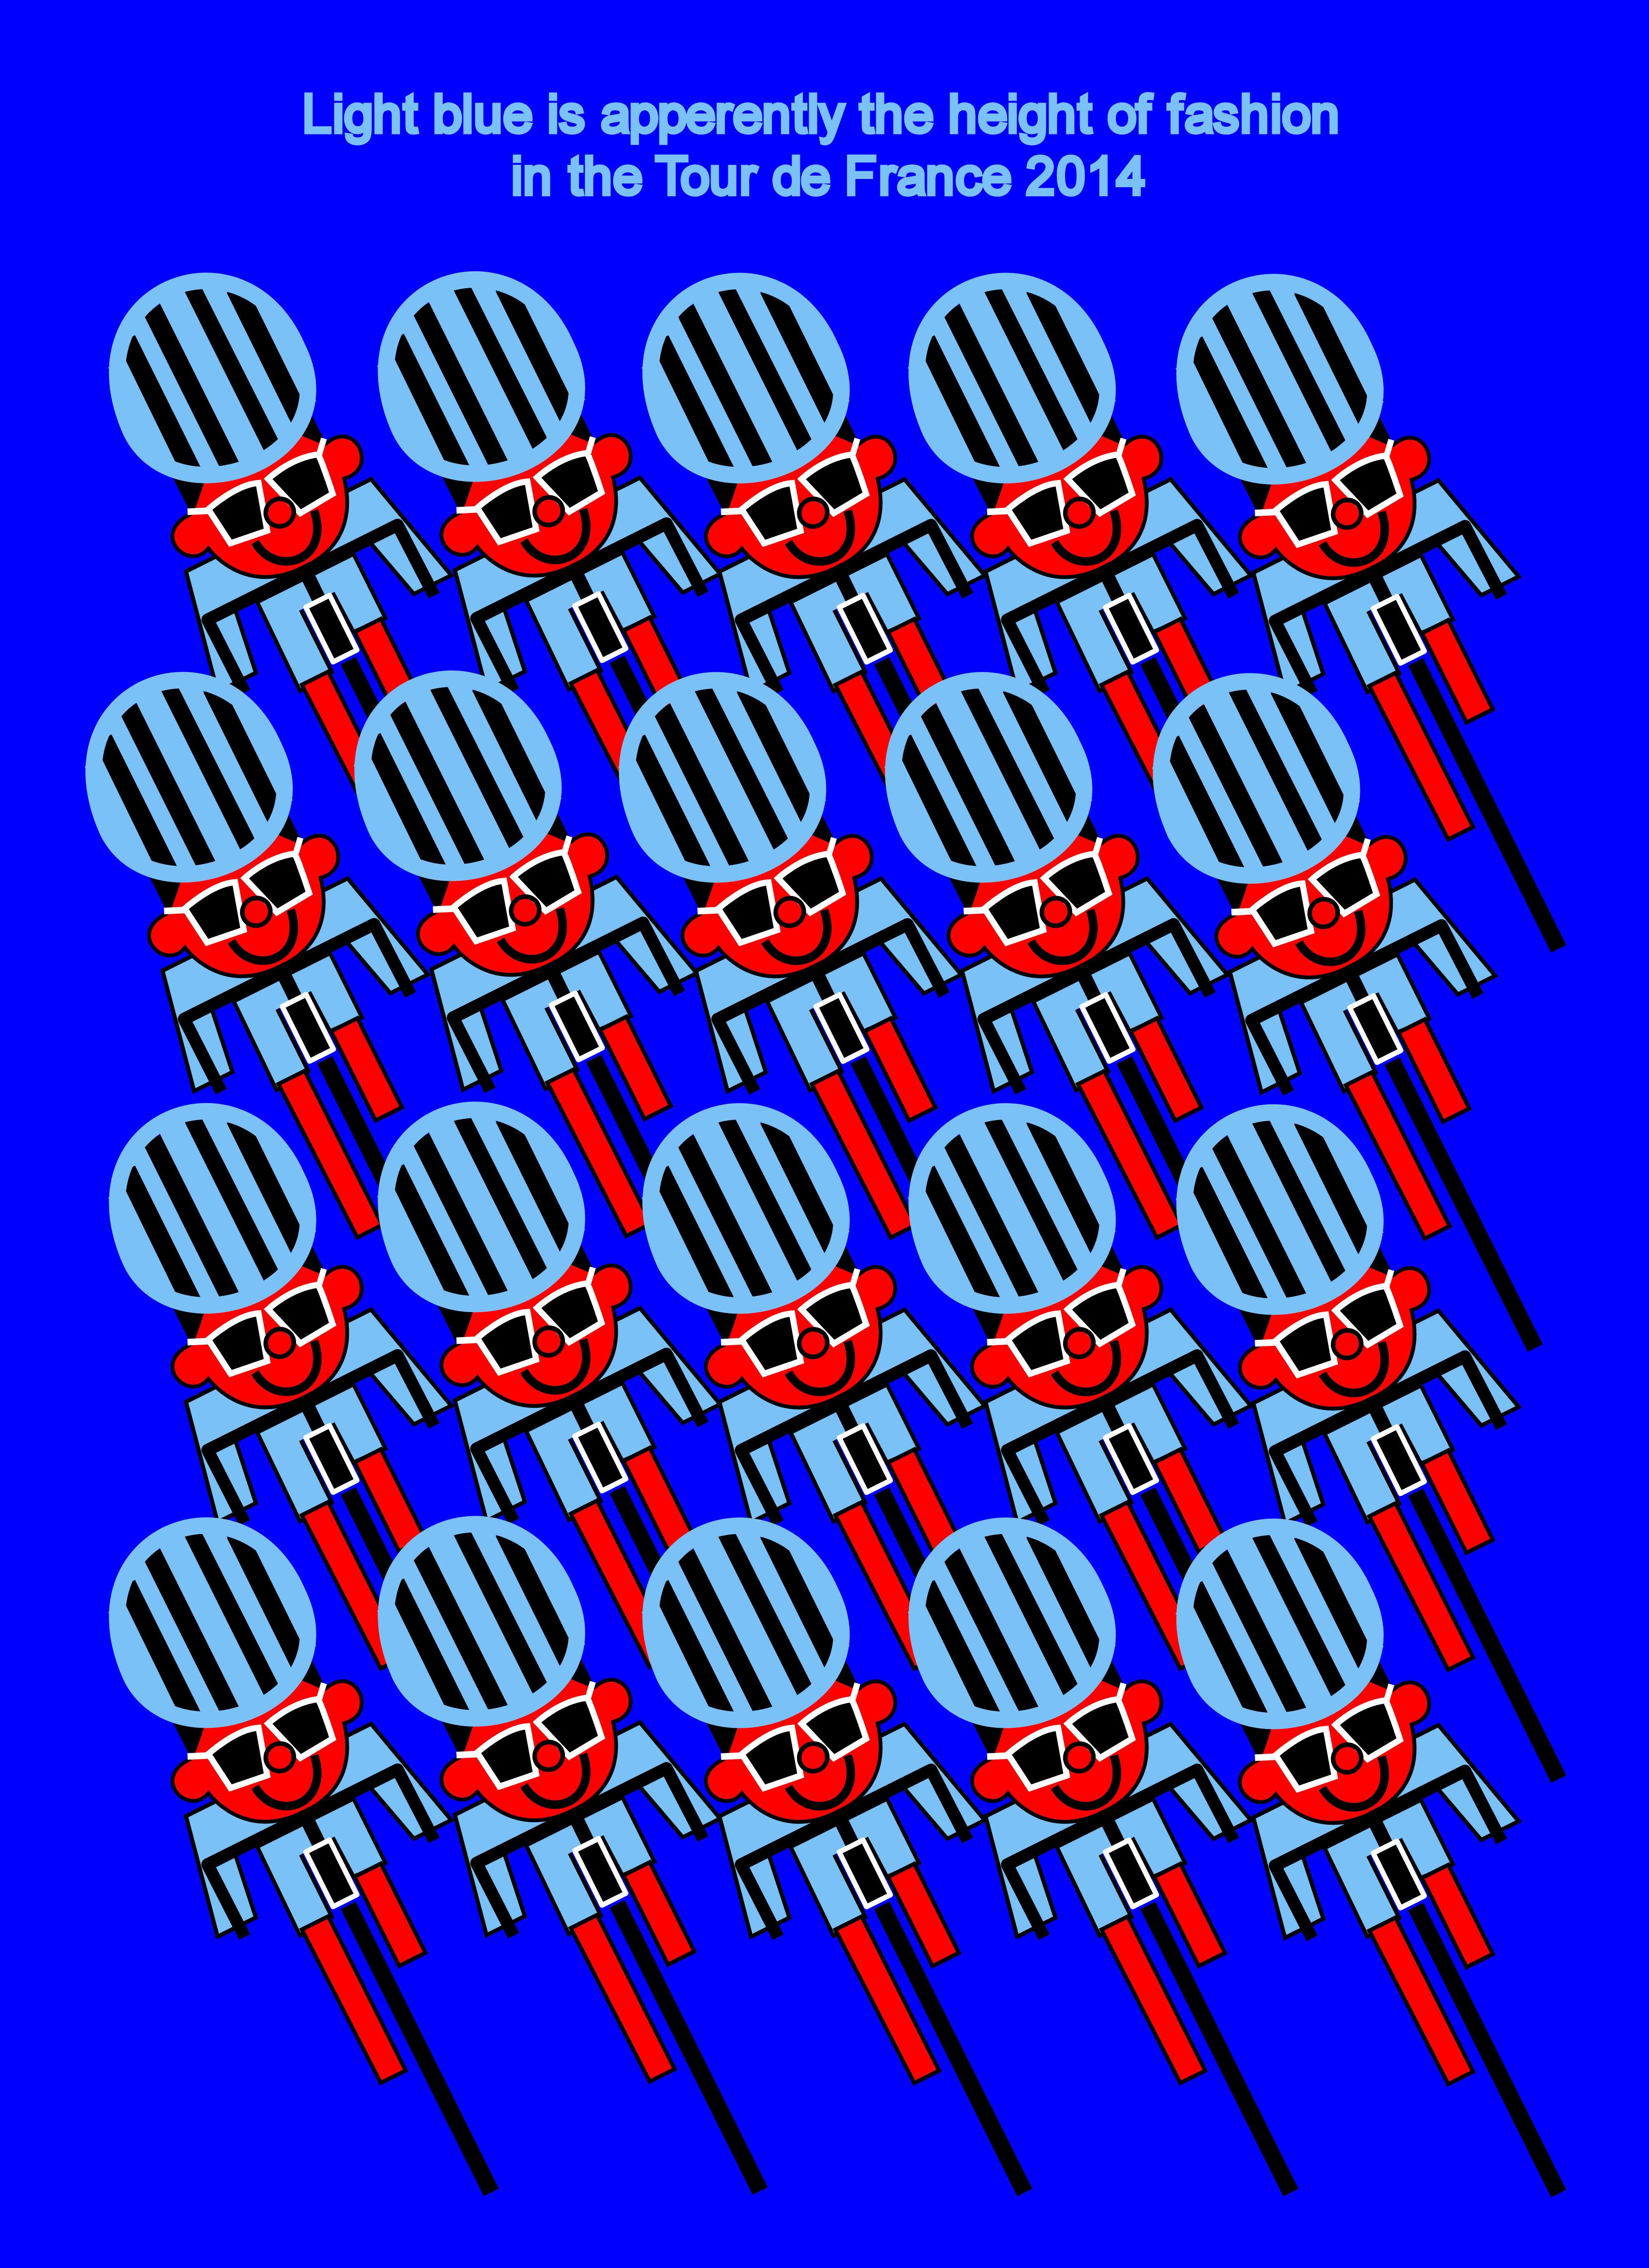 Carcassonne,                                               Bagnères-de-Luchon, light                                               blue, hight of fashion,                                               stage 16, July 22nd, Tour                                               de France 2014, Tour de                                               France, Carcassonne,                                               Bagnères-de-Luchon, bleu                                               clair, hauteur de la mode,                                               étape 16, le 22 Juillet,                                               Tour de France 2014, Tour                                               de France